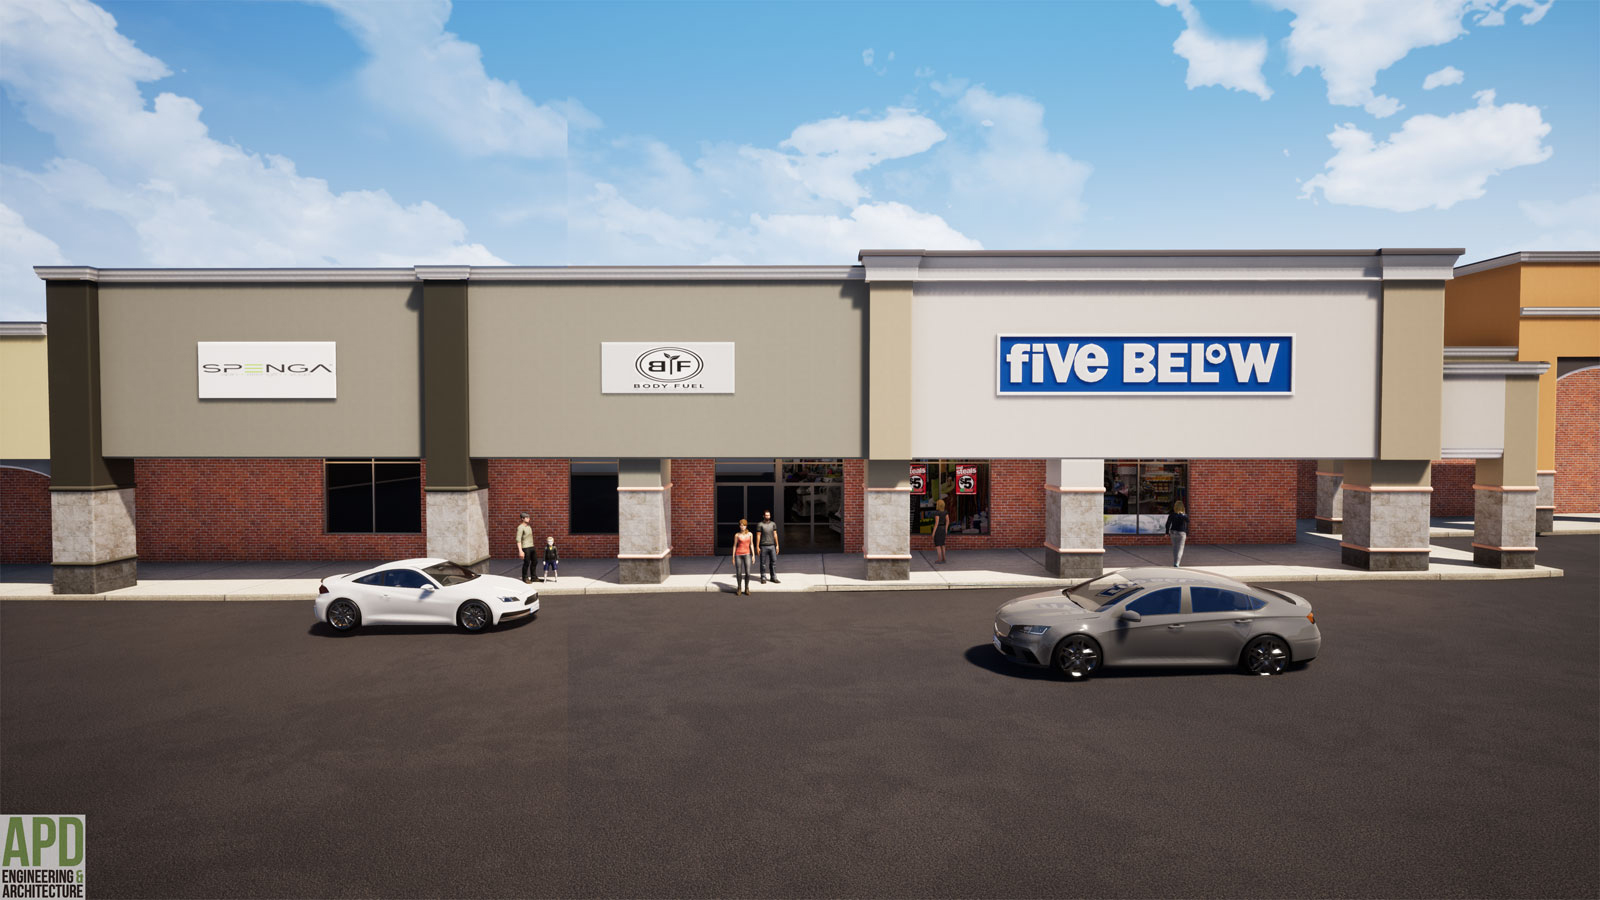 five-below-rendering-1.jpg